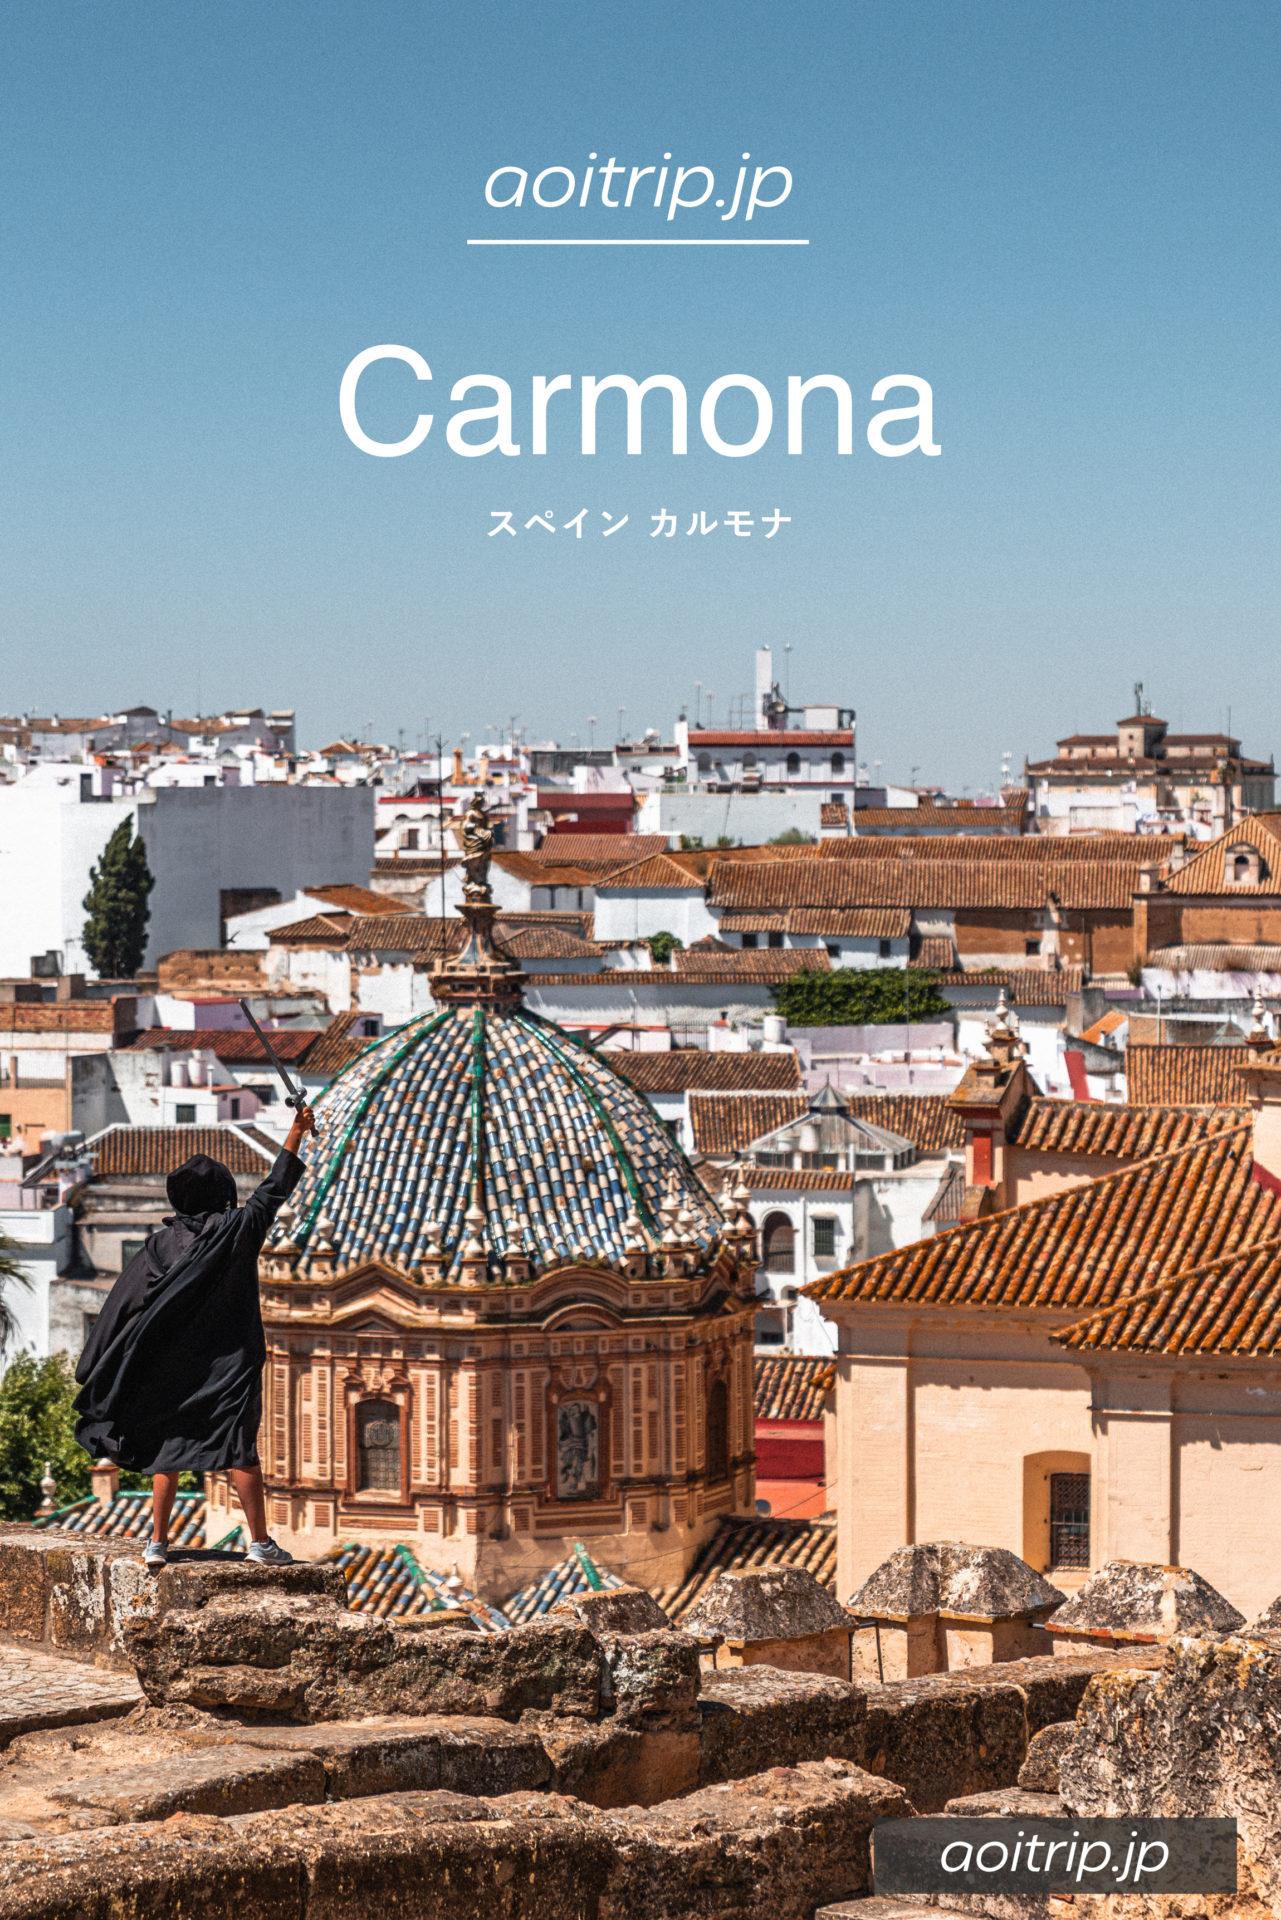 スペイン カルモナ観光 旅行ガイド|Carmona Travel Guide